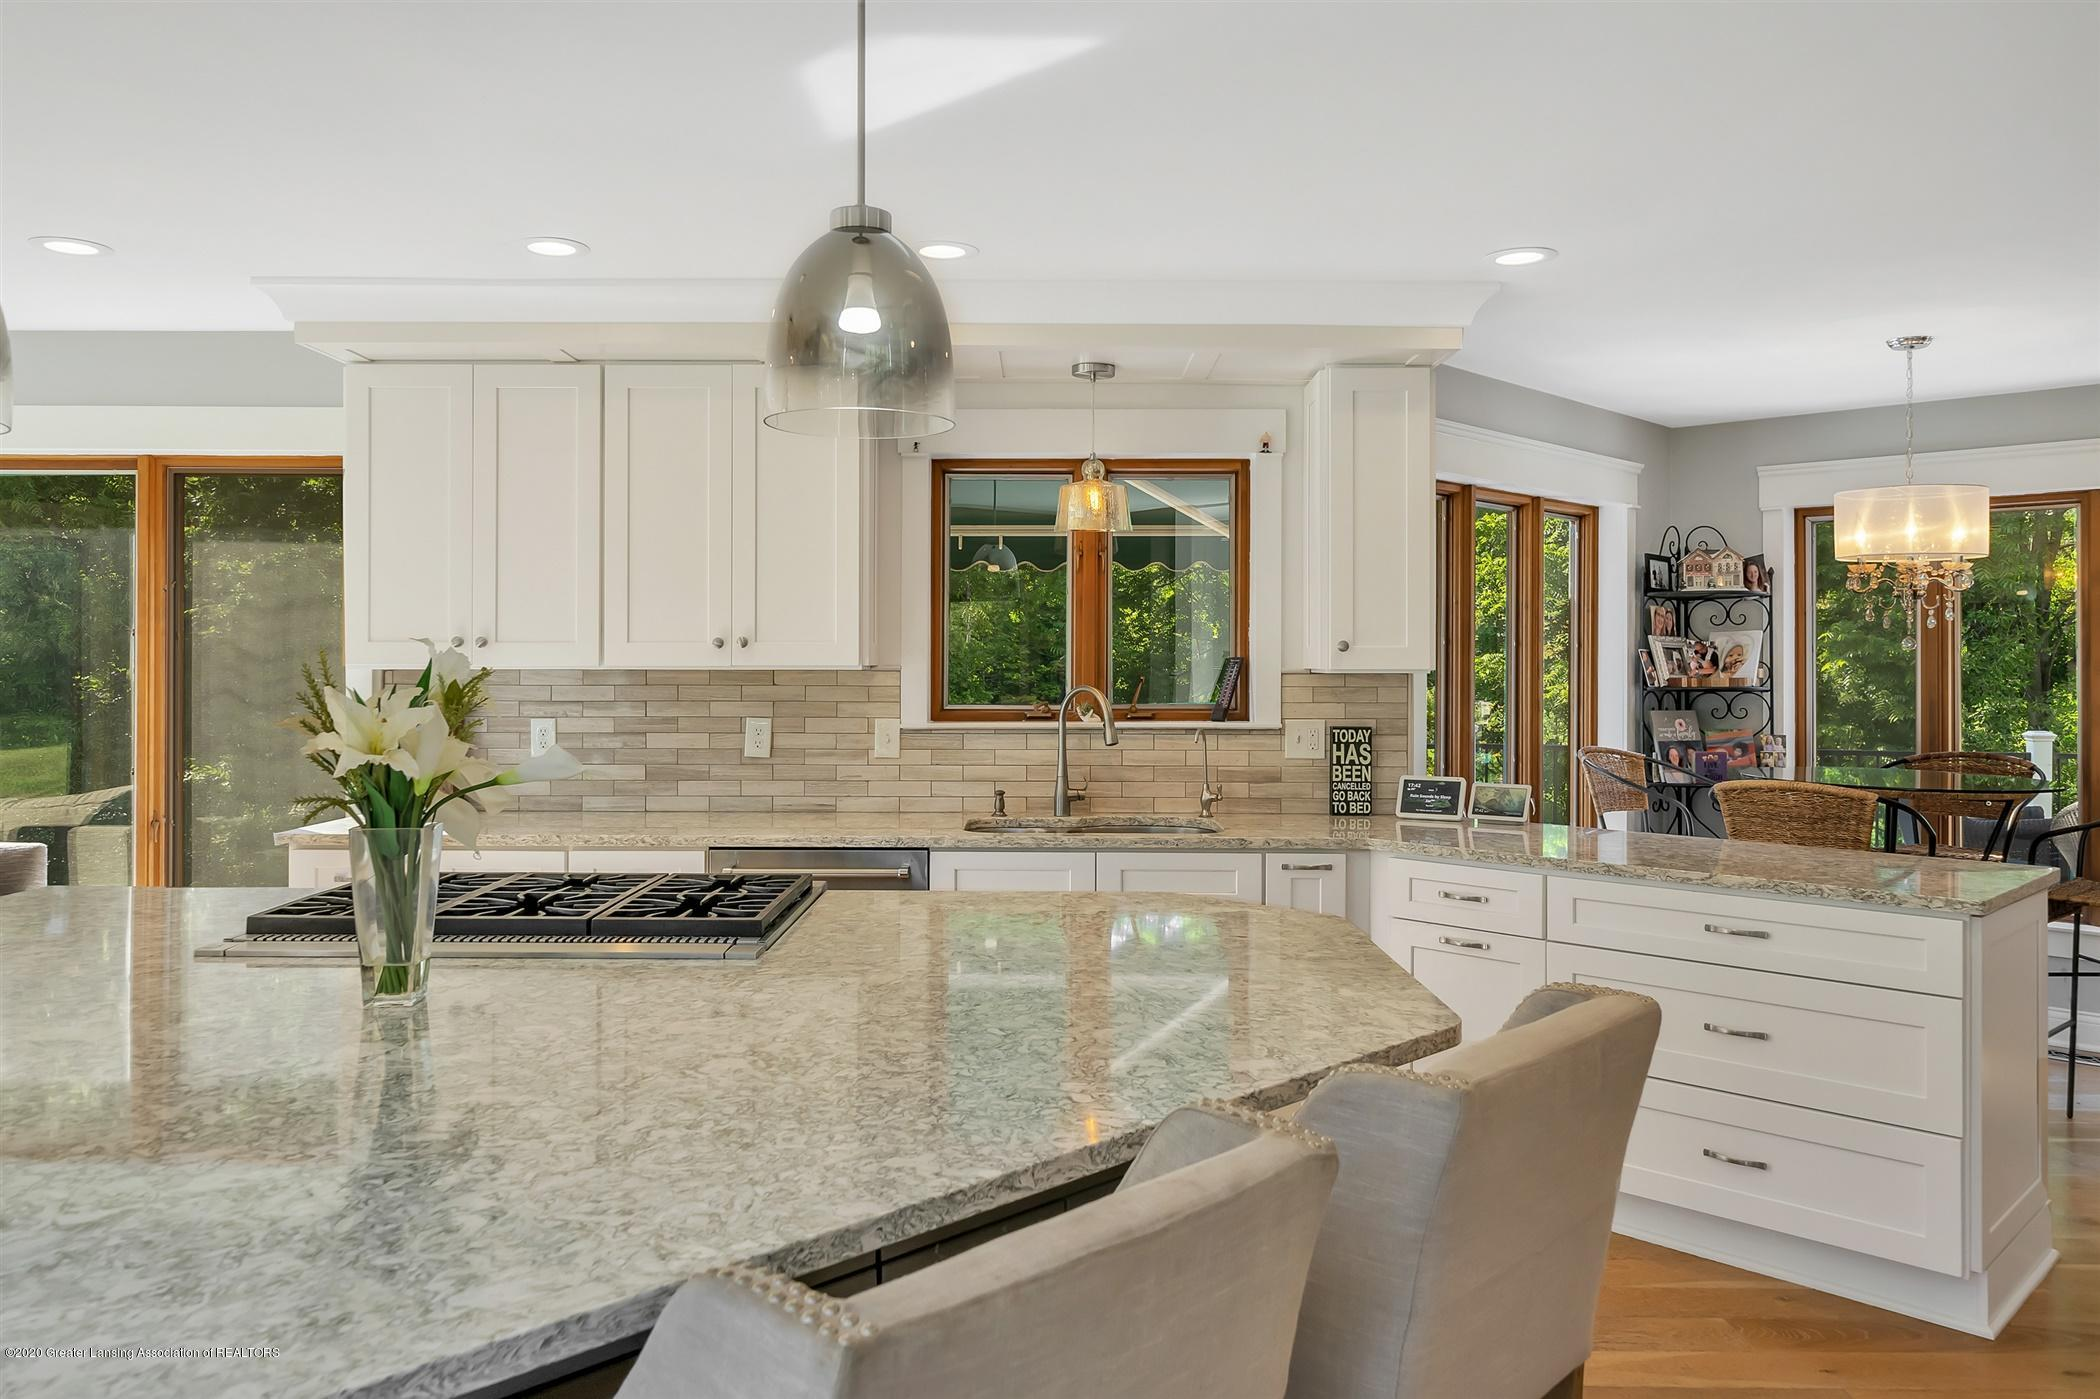 2275 Bravender Rd - MAIN FLOOR Kitchen - 15